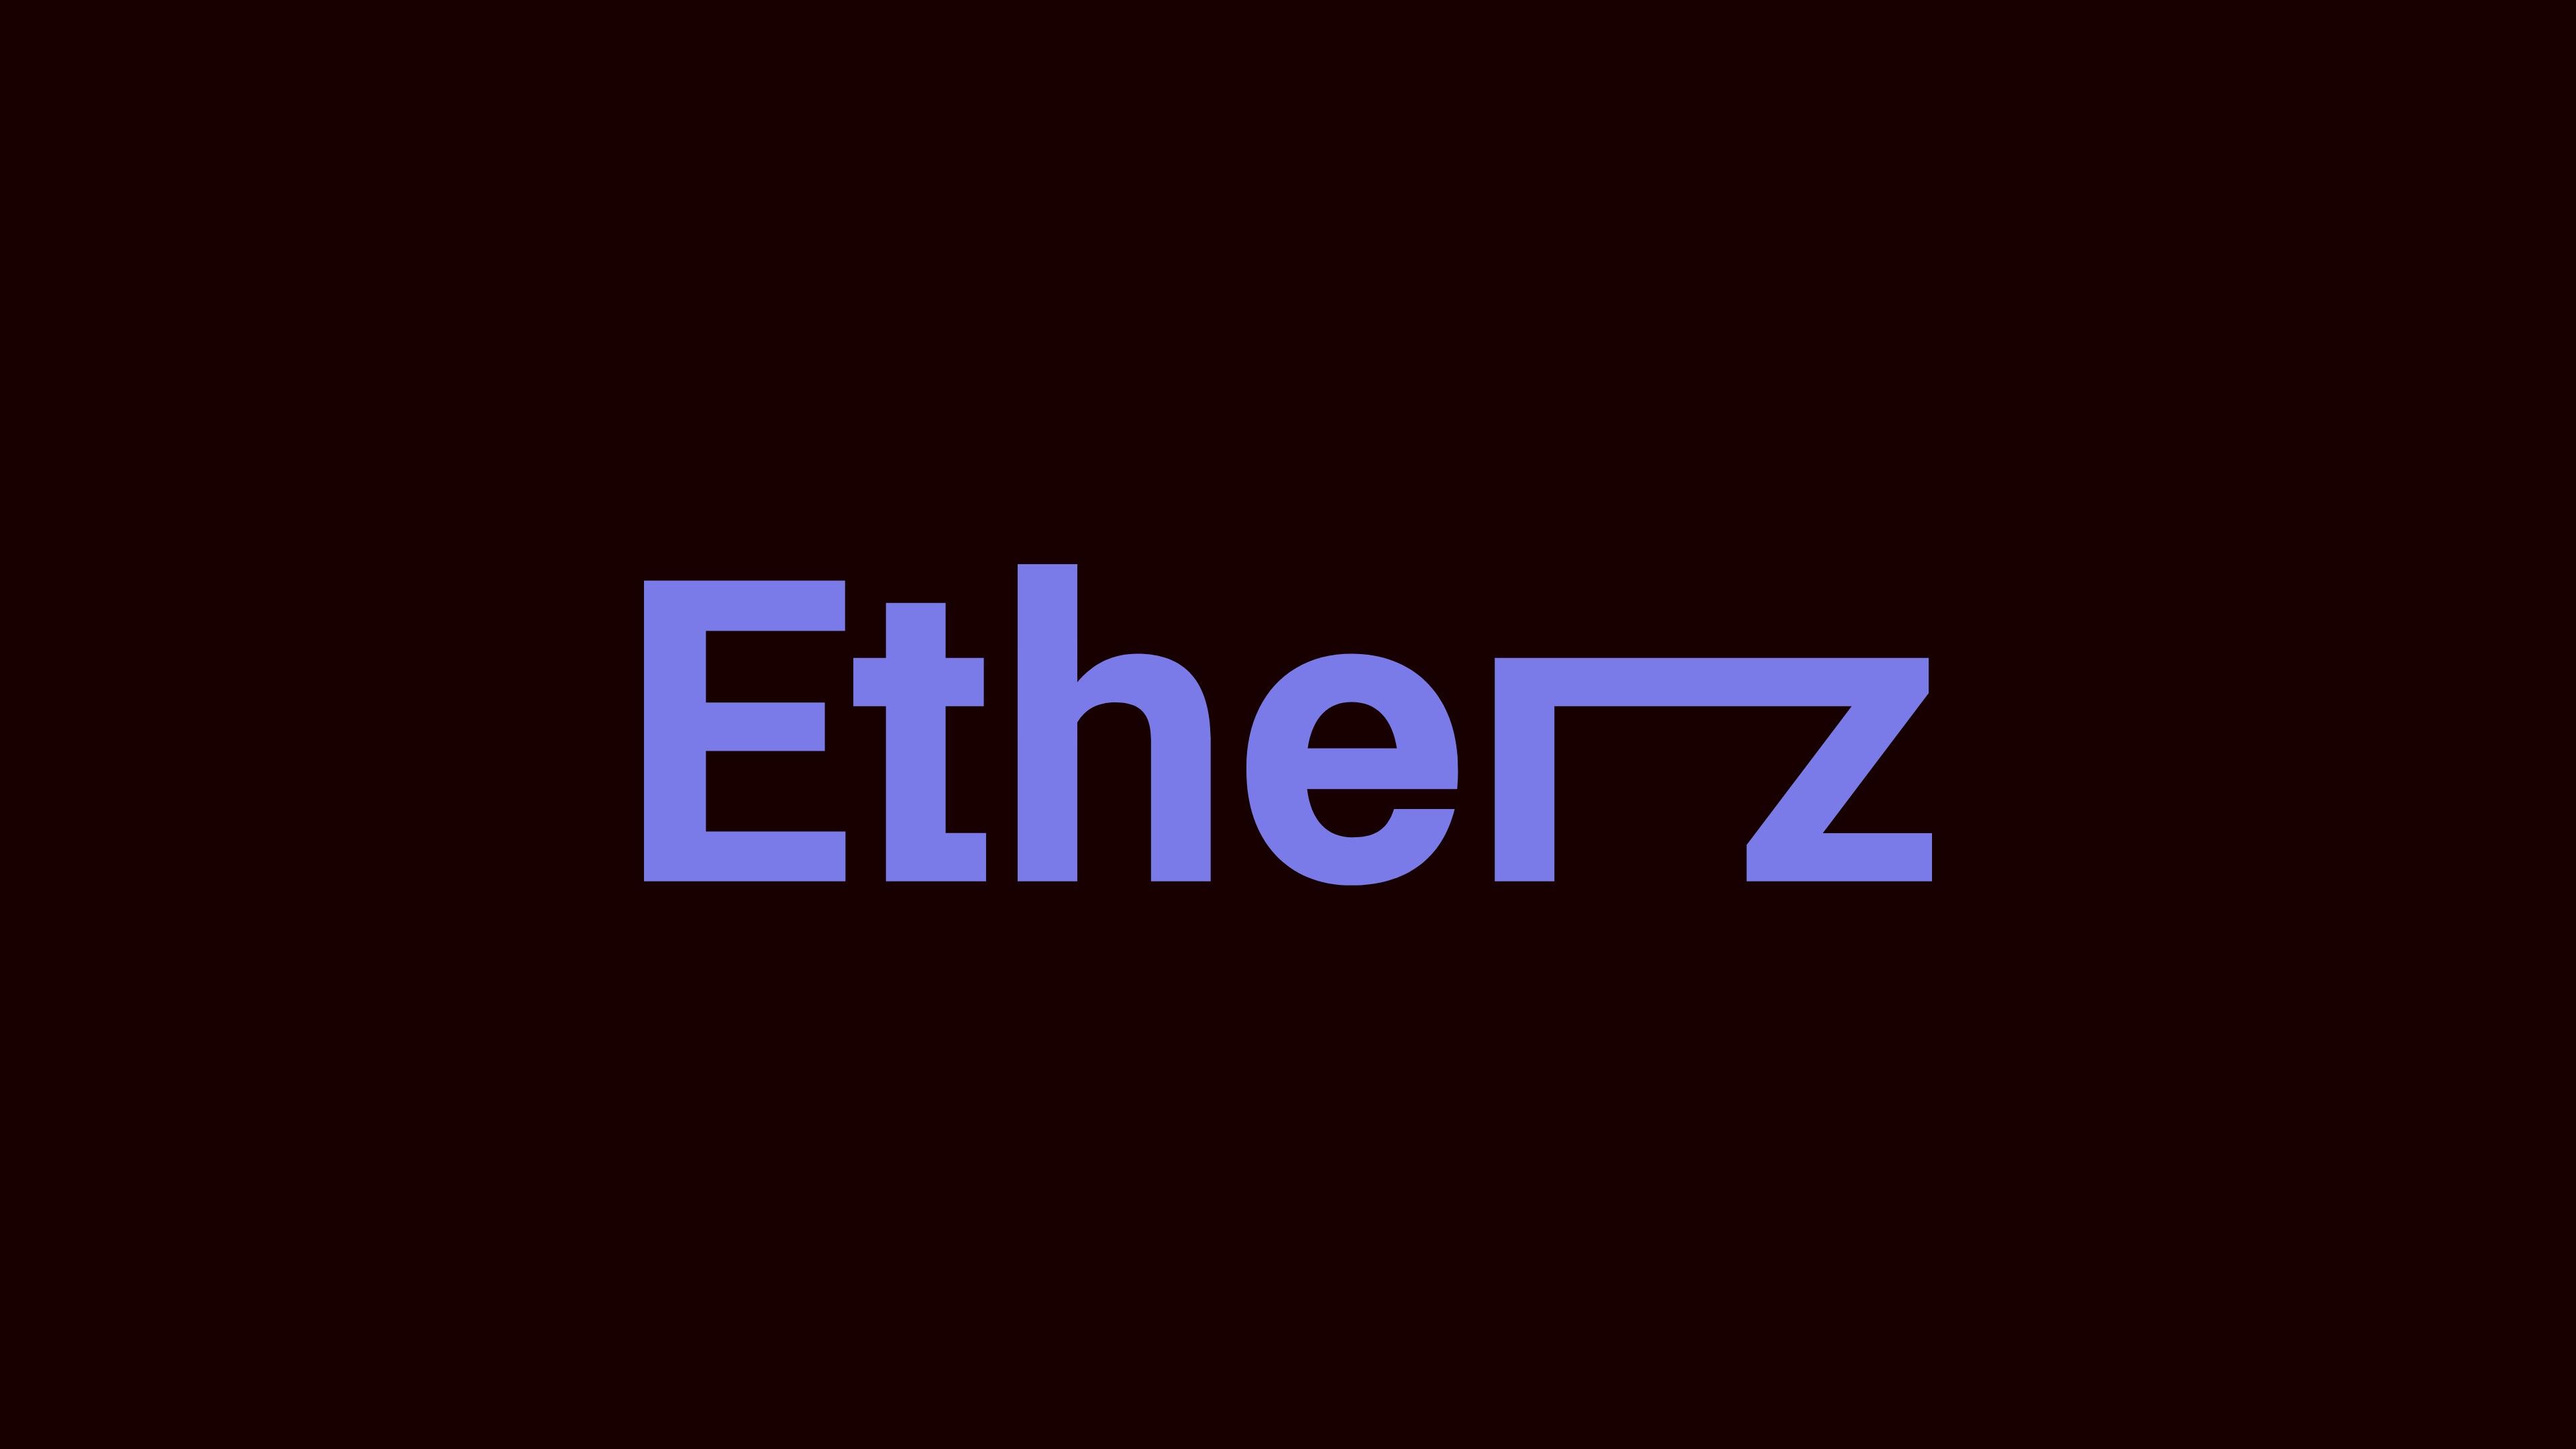 Etherz - The Codeine Design